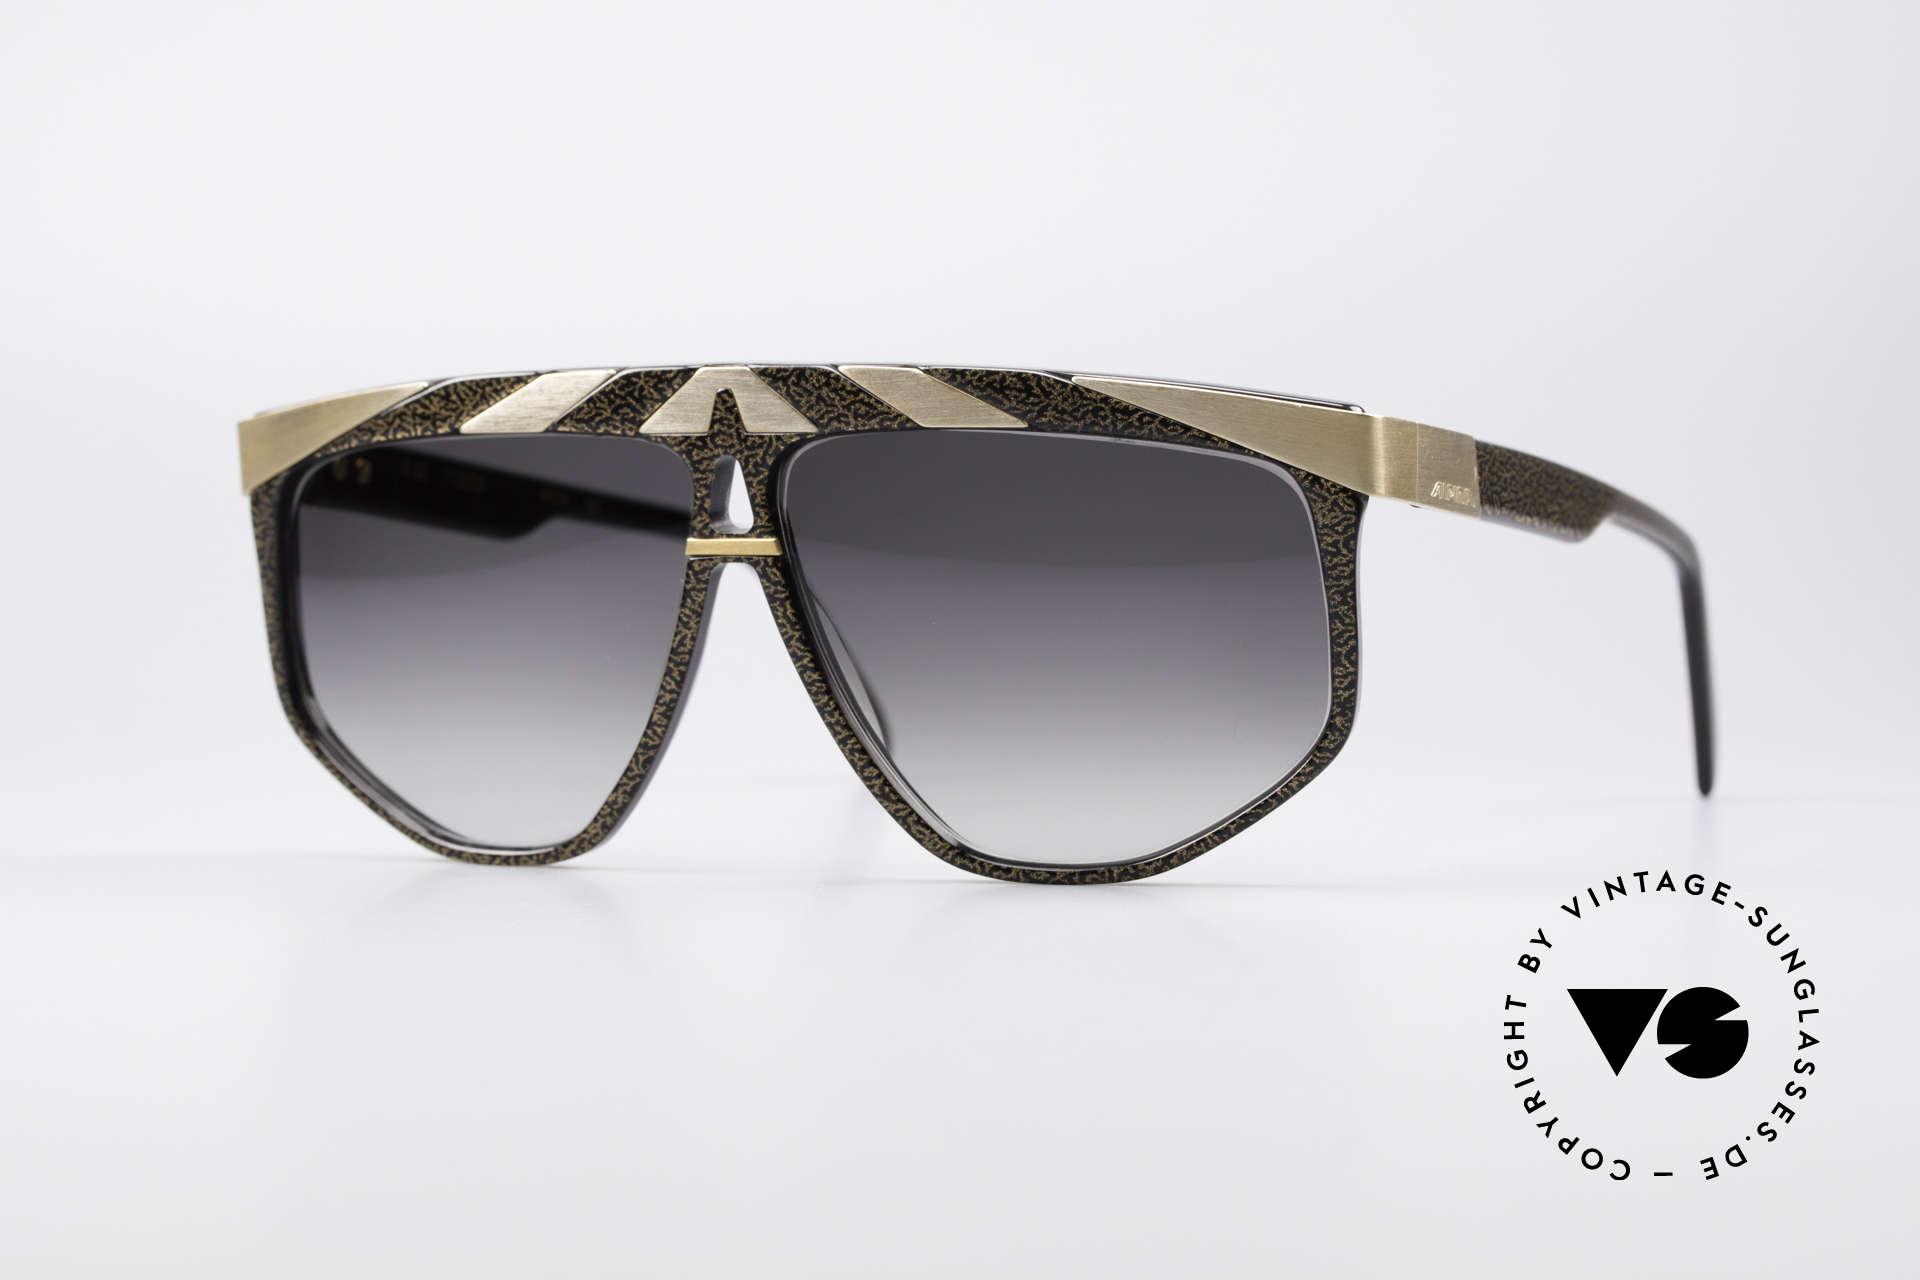 Alpina G82 Vergoldete 80er Sonnenbrille, vintage Modell aus dem 'Genesis Project' von Alpina, Passend für Herren und Damen